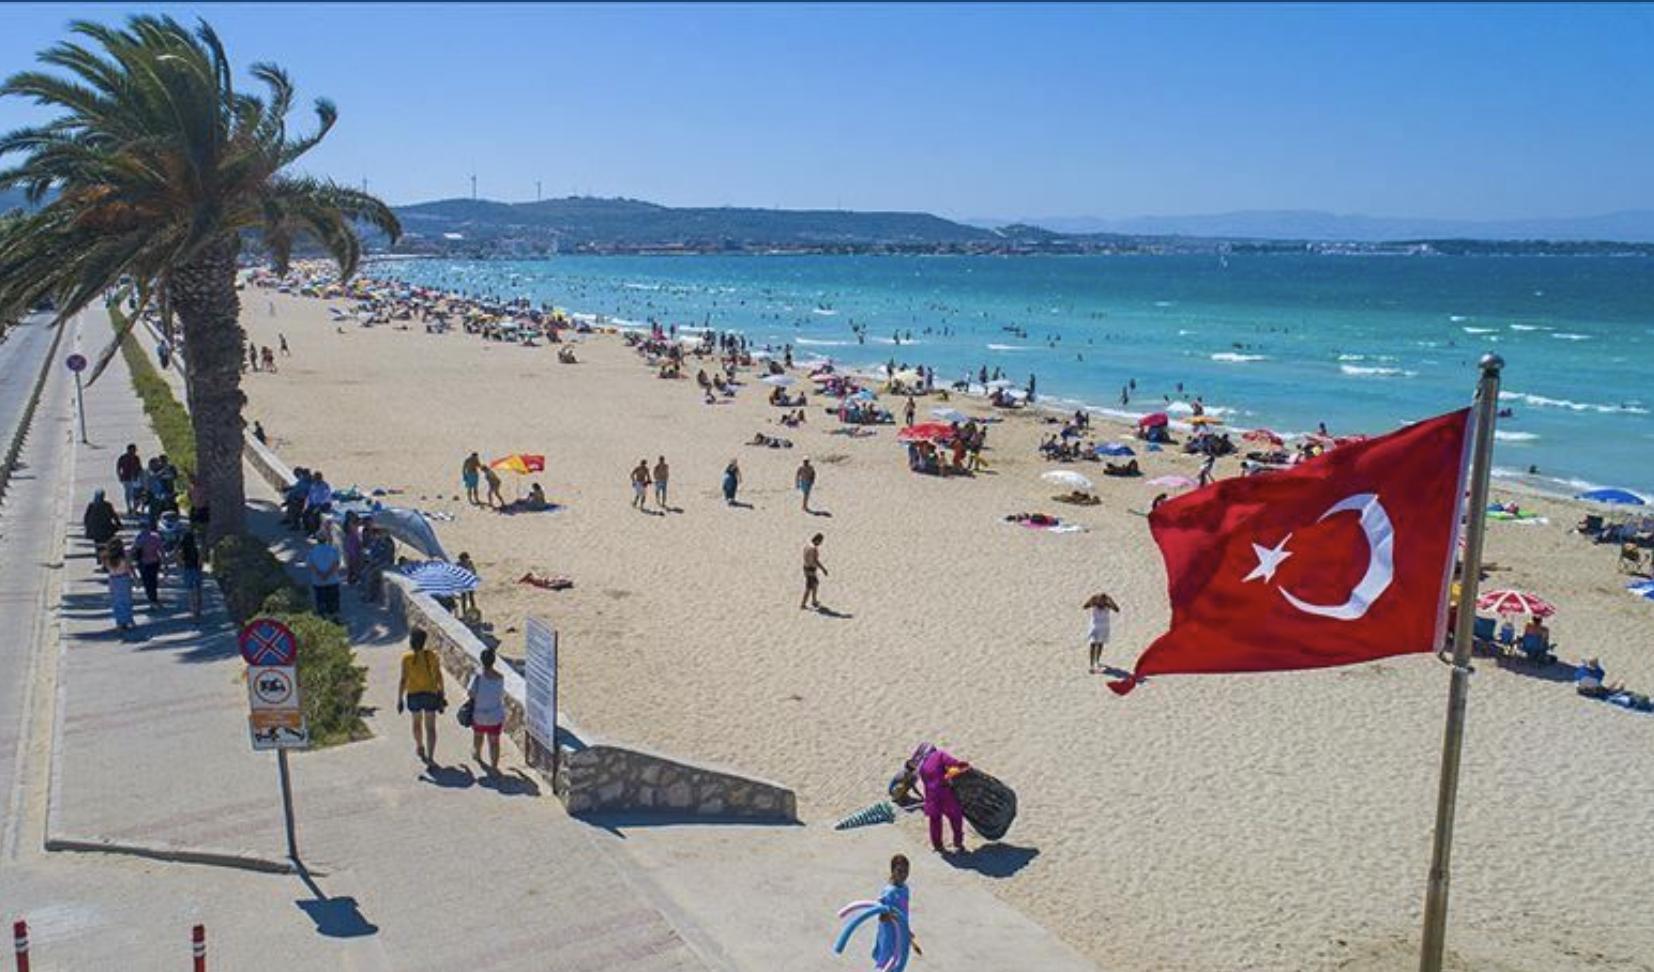 Turska: Broj turista će se u ovoj godini udvostručiti; Program sertifikacije za bezbedan turizam se smatra prednošću